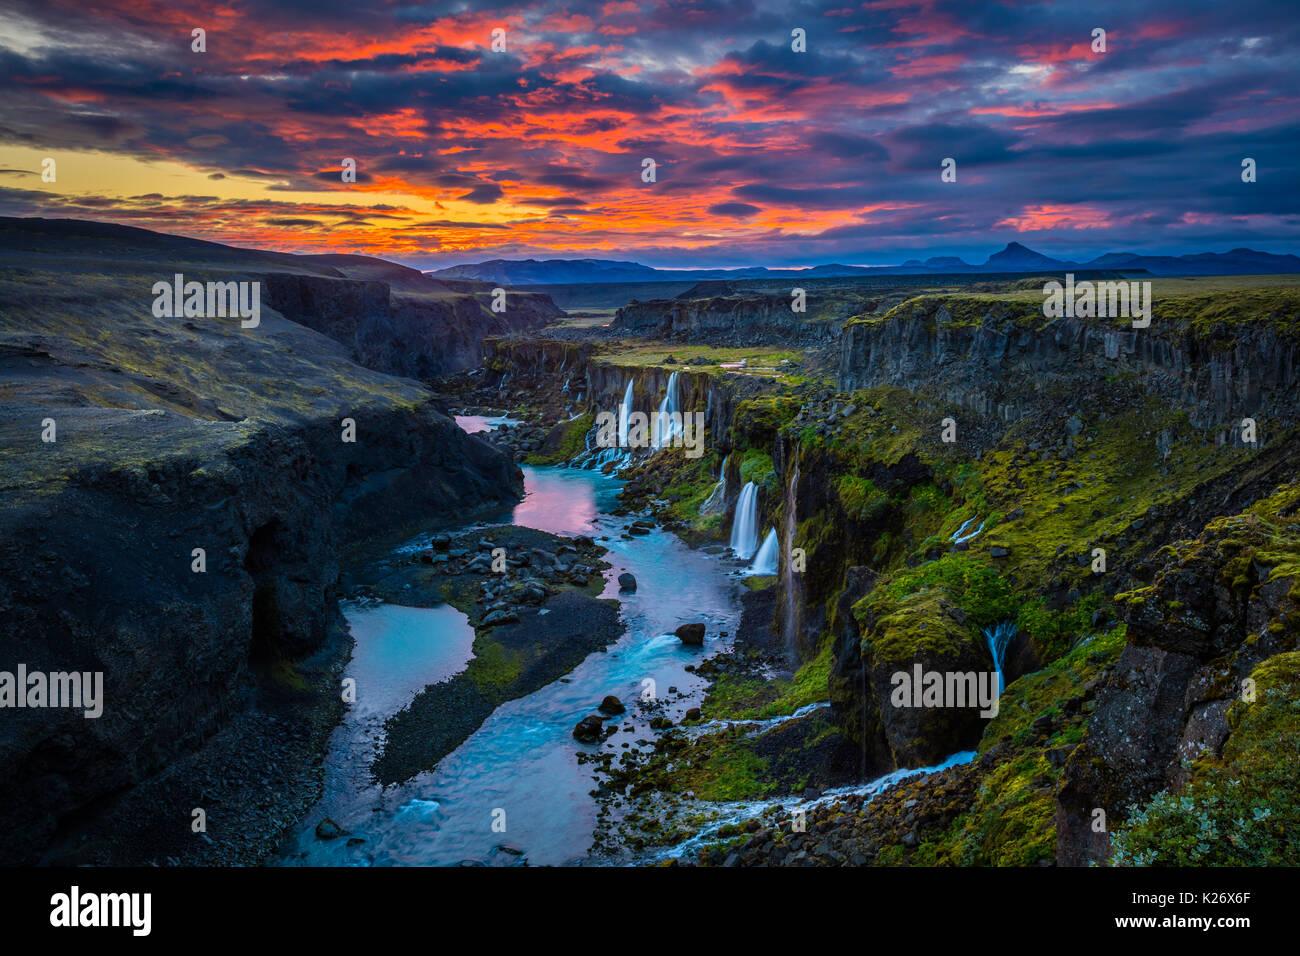 Canyon mit mehreren Wasserfällen in der südlichen Region von Island Stockbild